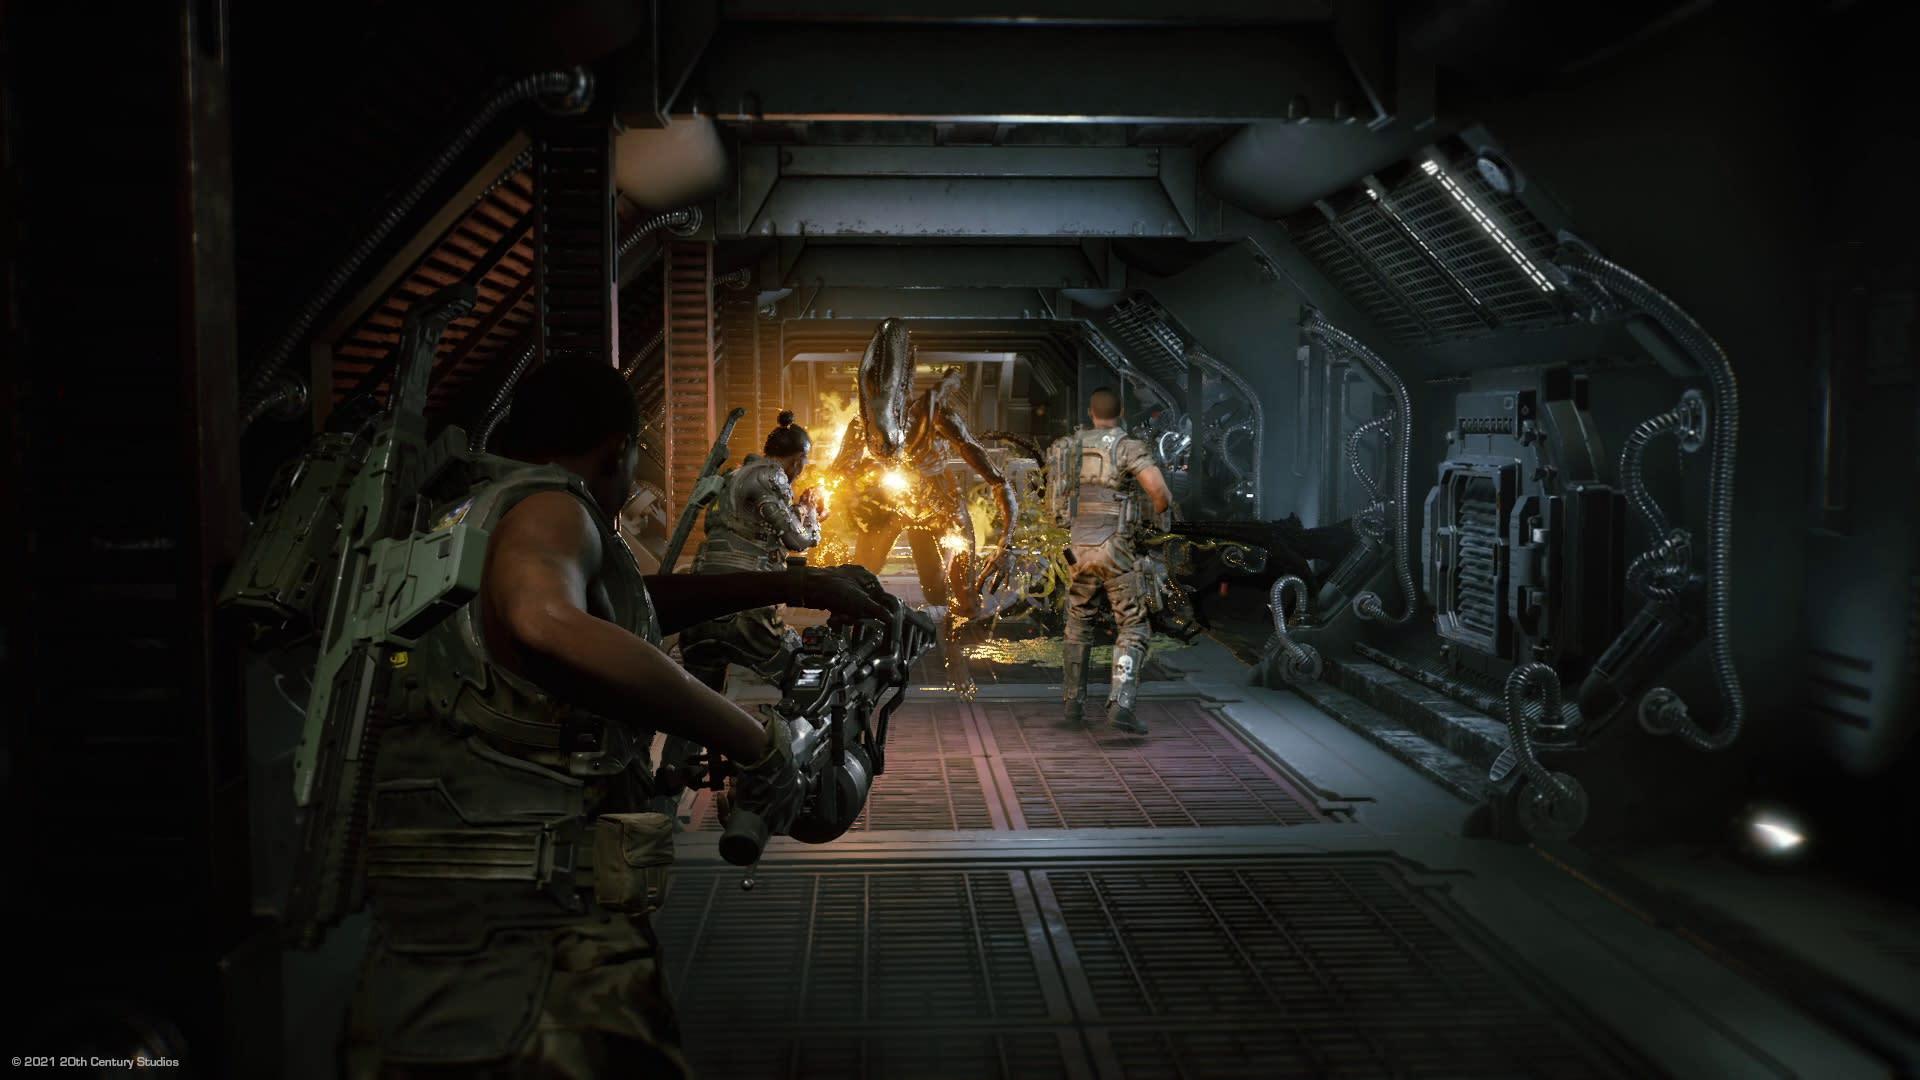 [REVIEW] Aliens: Fireteam Elite - Nostalgia Tanpa Kualitas Tinggi - Softhard